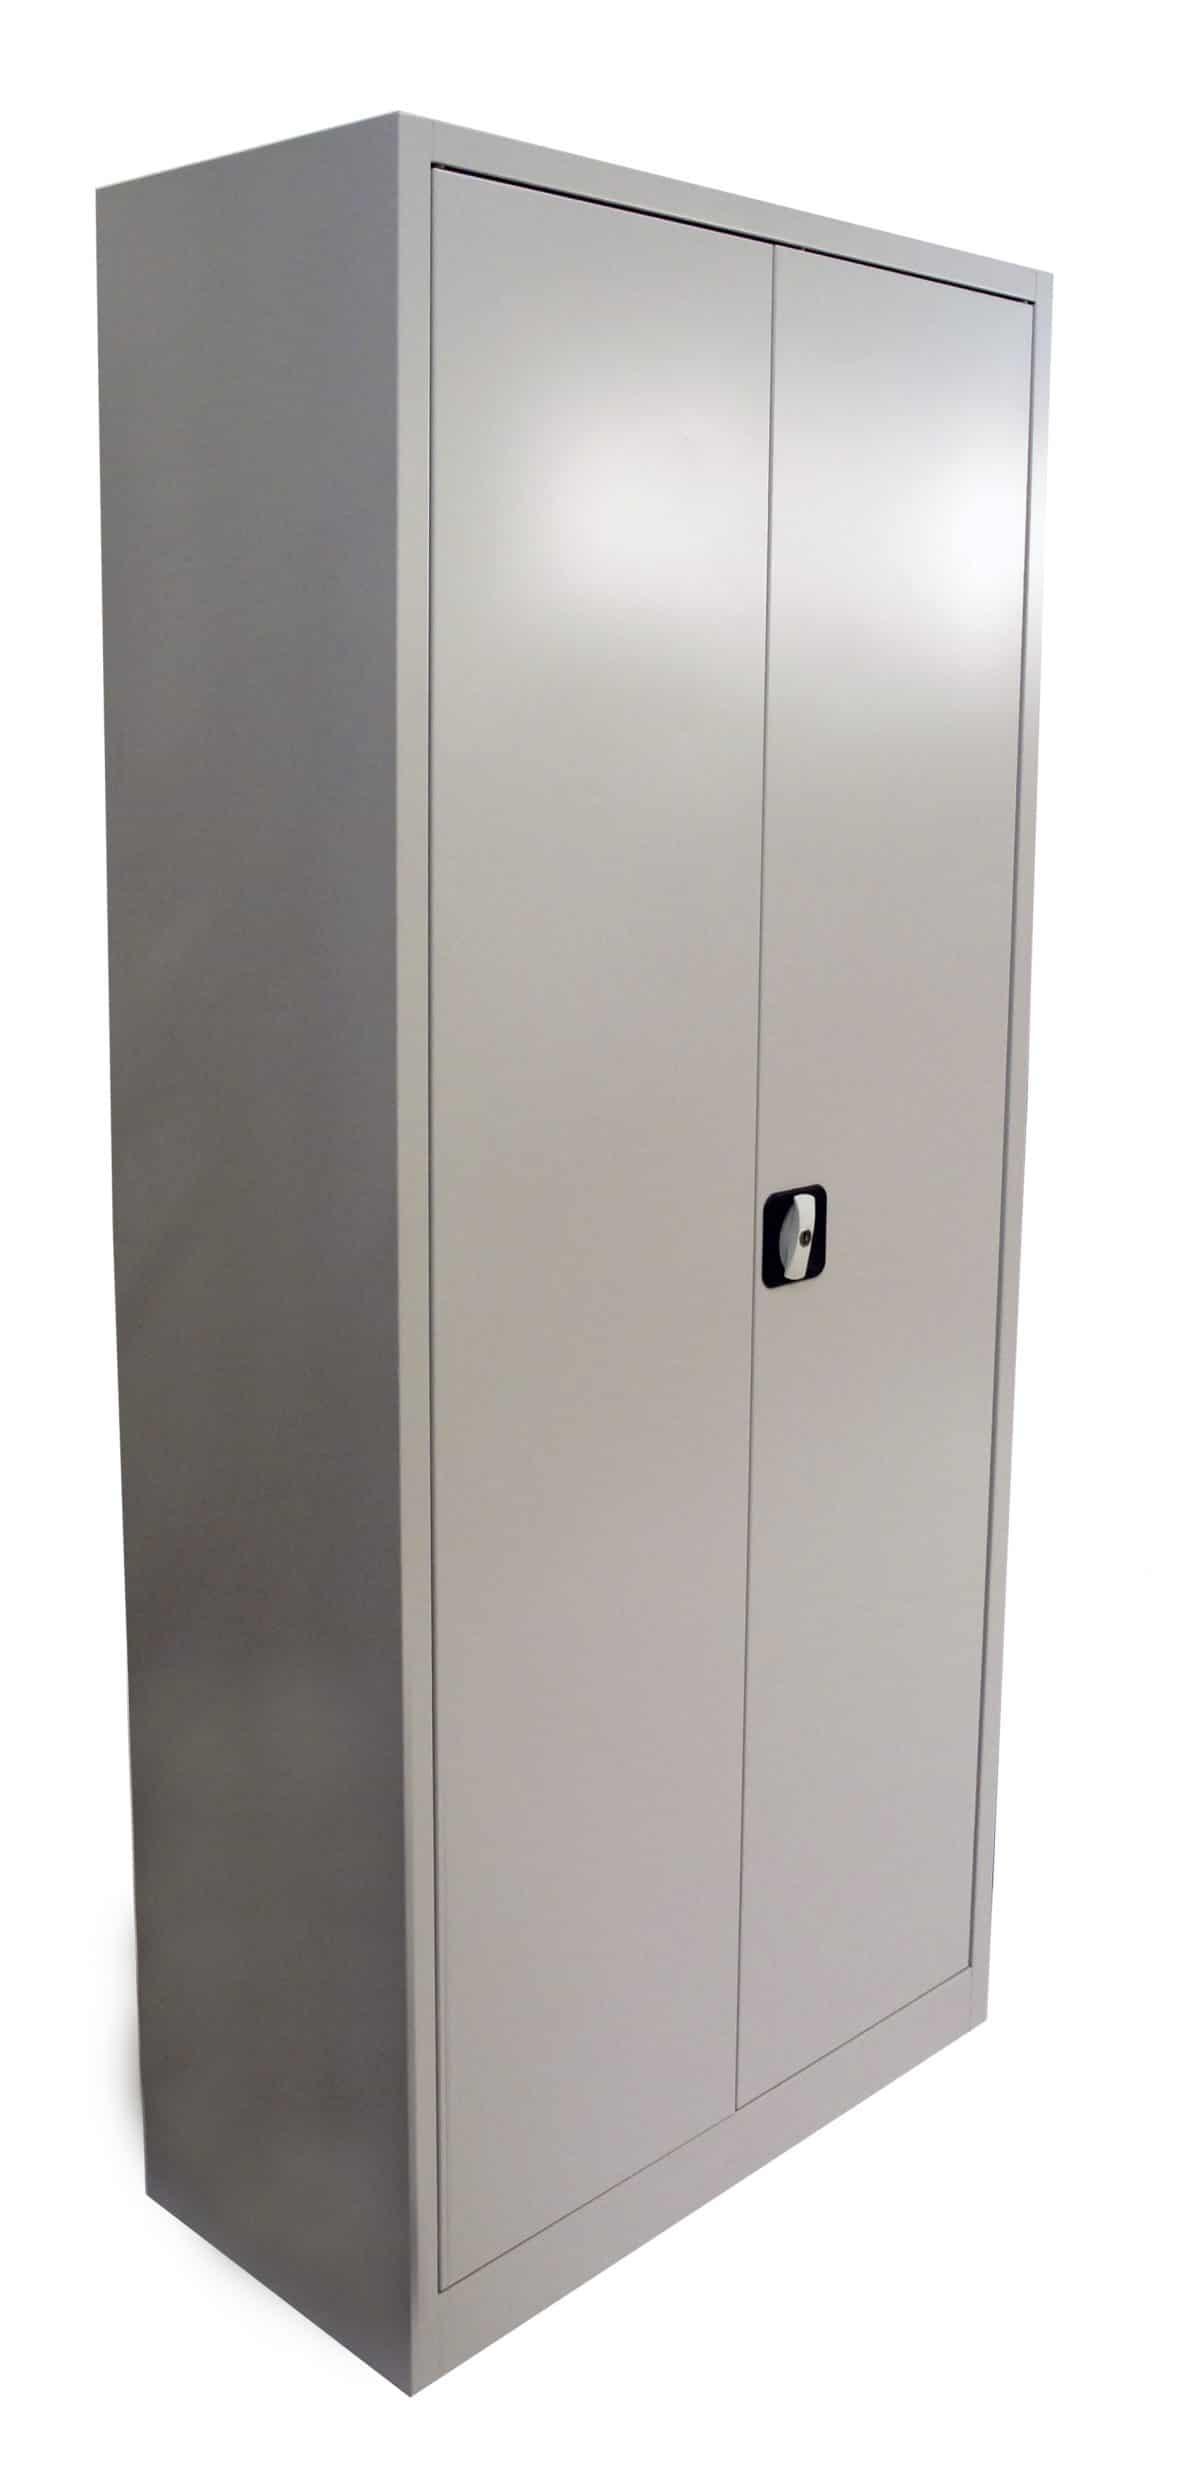 Förvaringsskåp i plåt grå 1800x800x380 mm För arkivering& förvaring